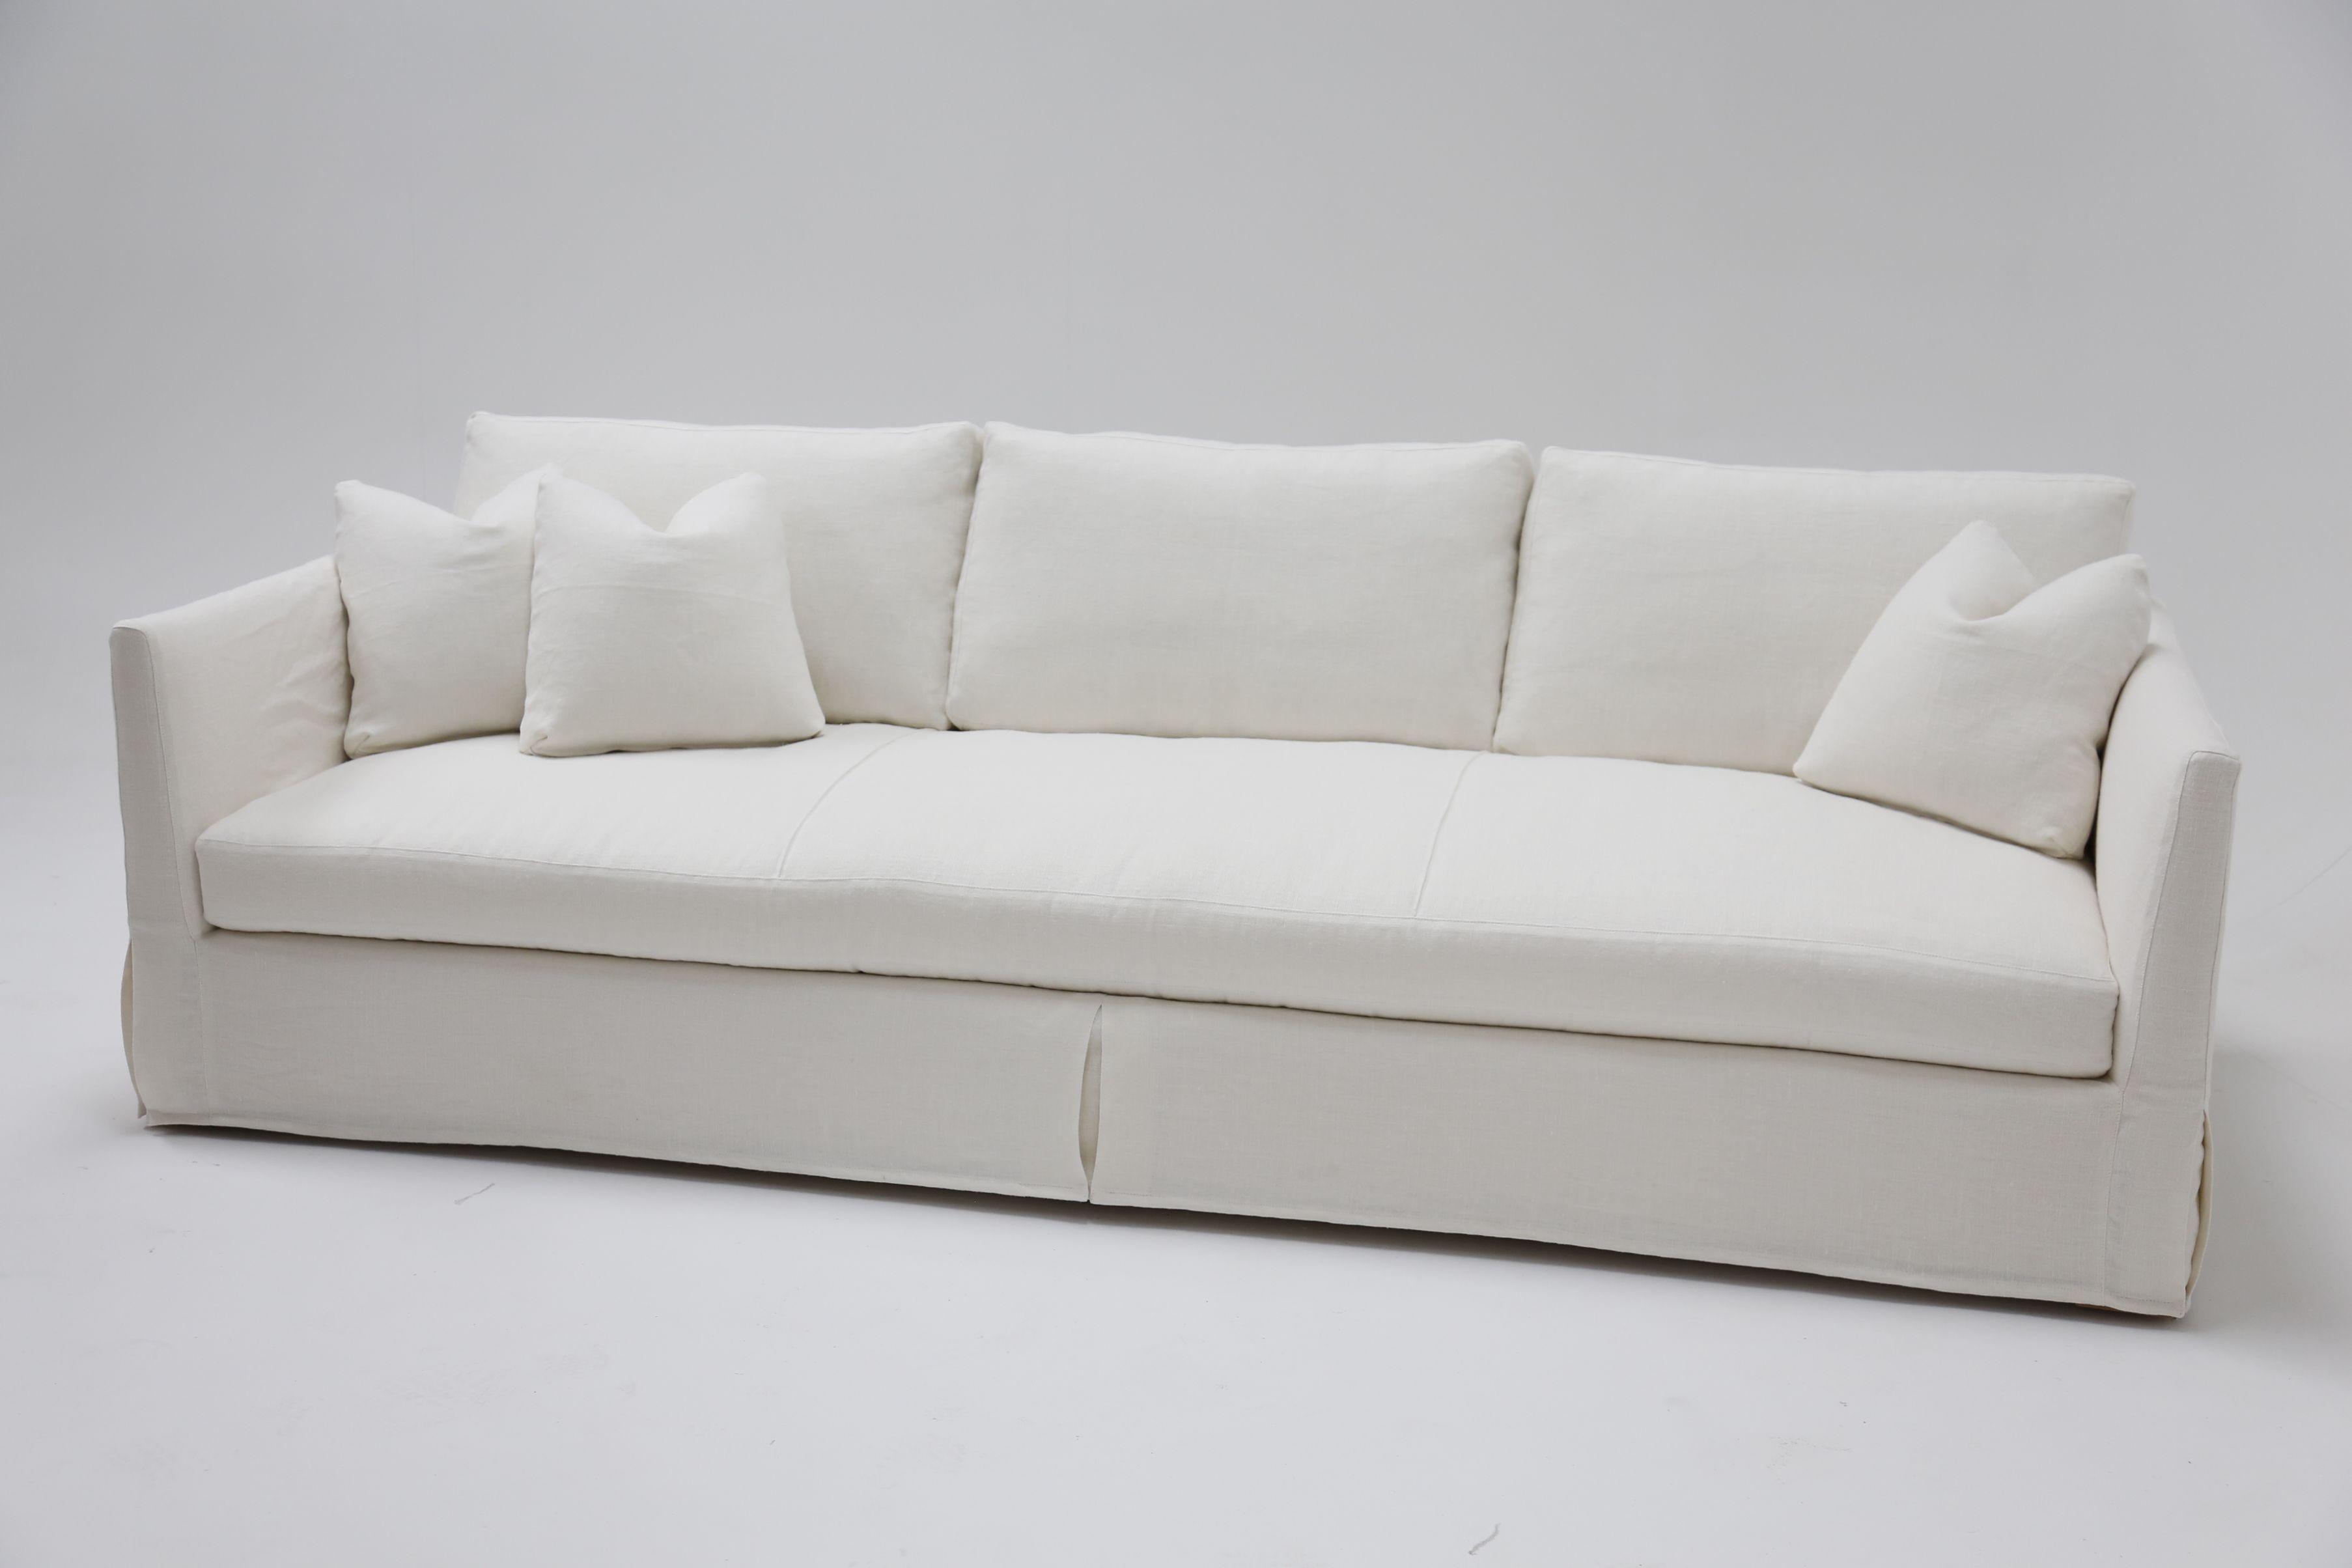 Thibaut Sofa Designers Sofas Settees Thibaut Fine ...